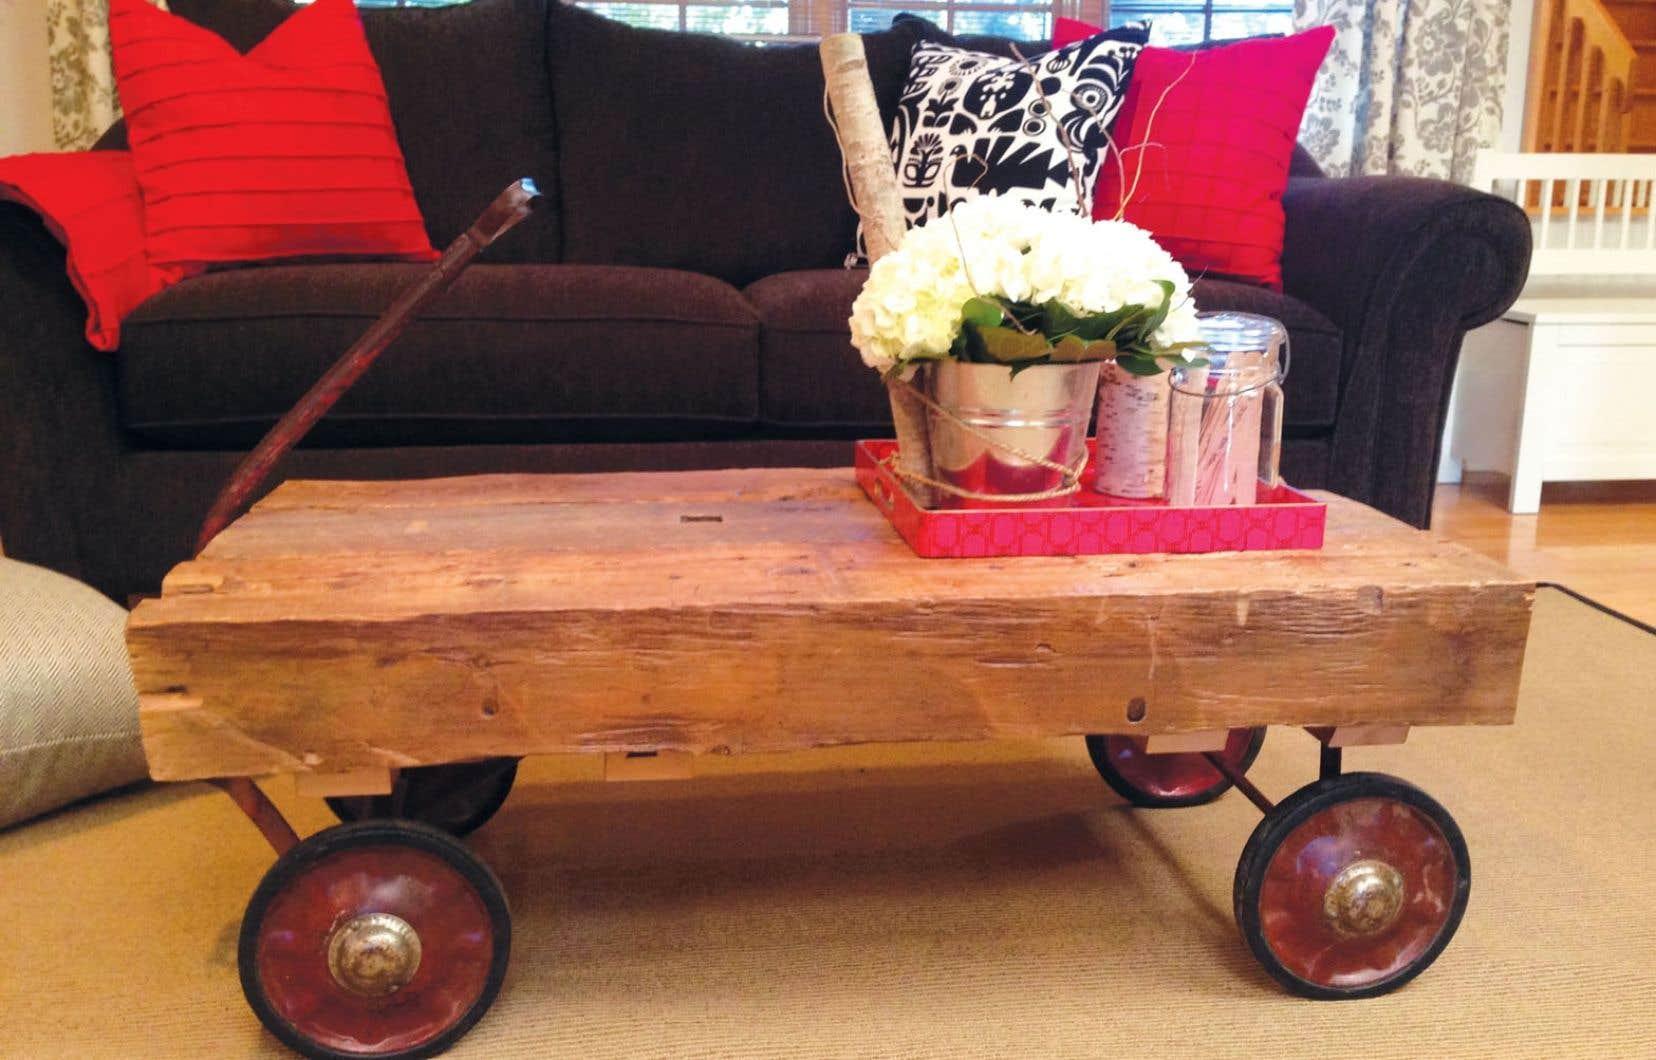 Restaurer Un Meuble En Chene Vernis peindre un vieux meuble, un sacrilège? | le devoir